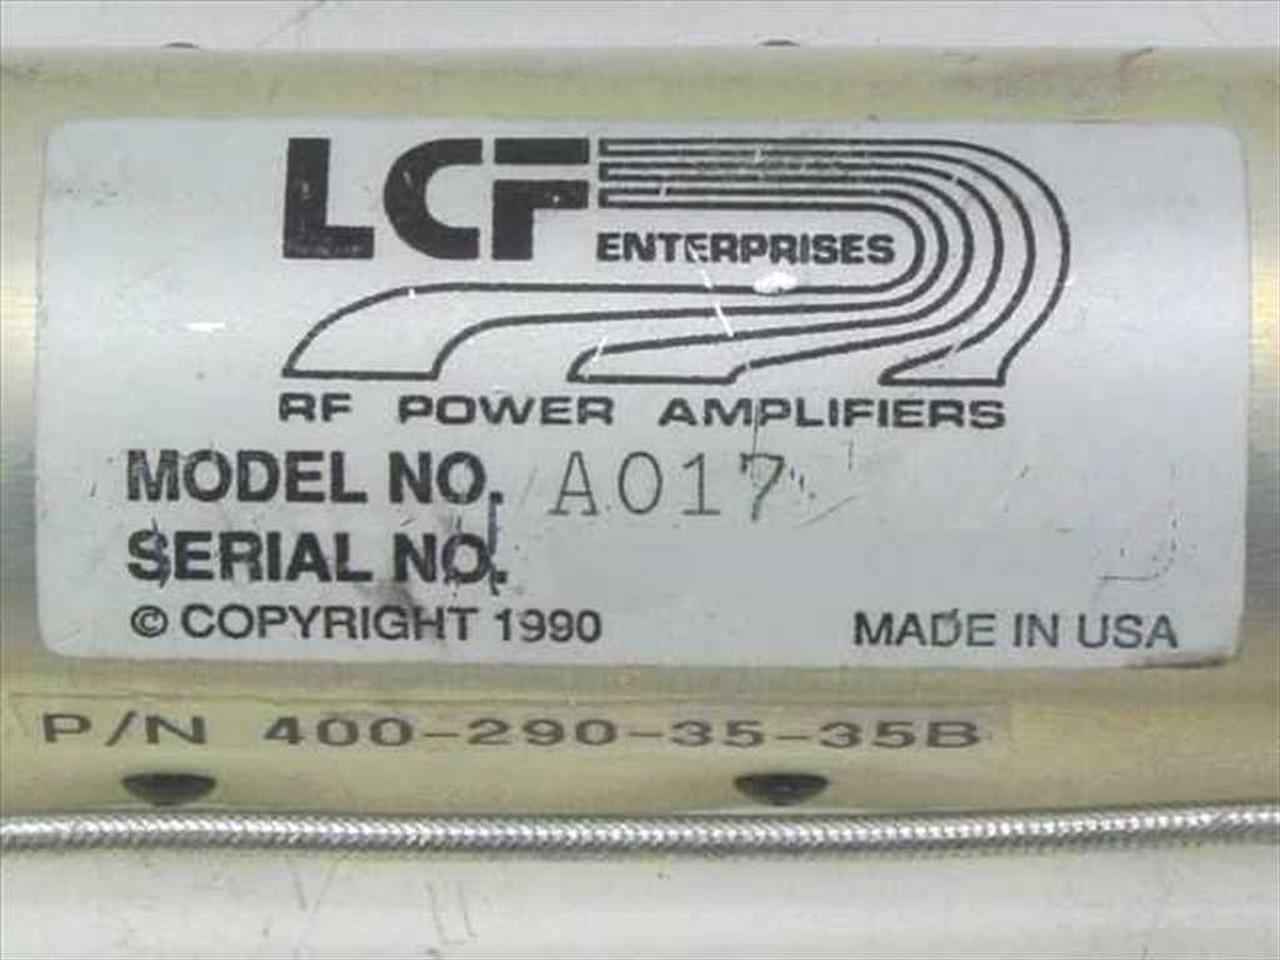 LCF Enterprises RF Power Amplifier with SMA-M Cable Connectors A017